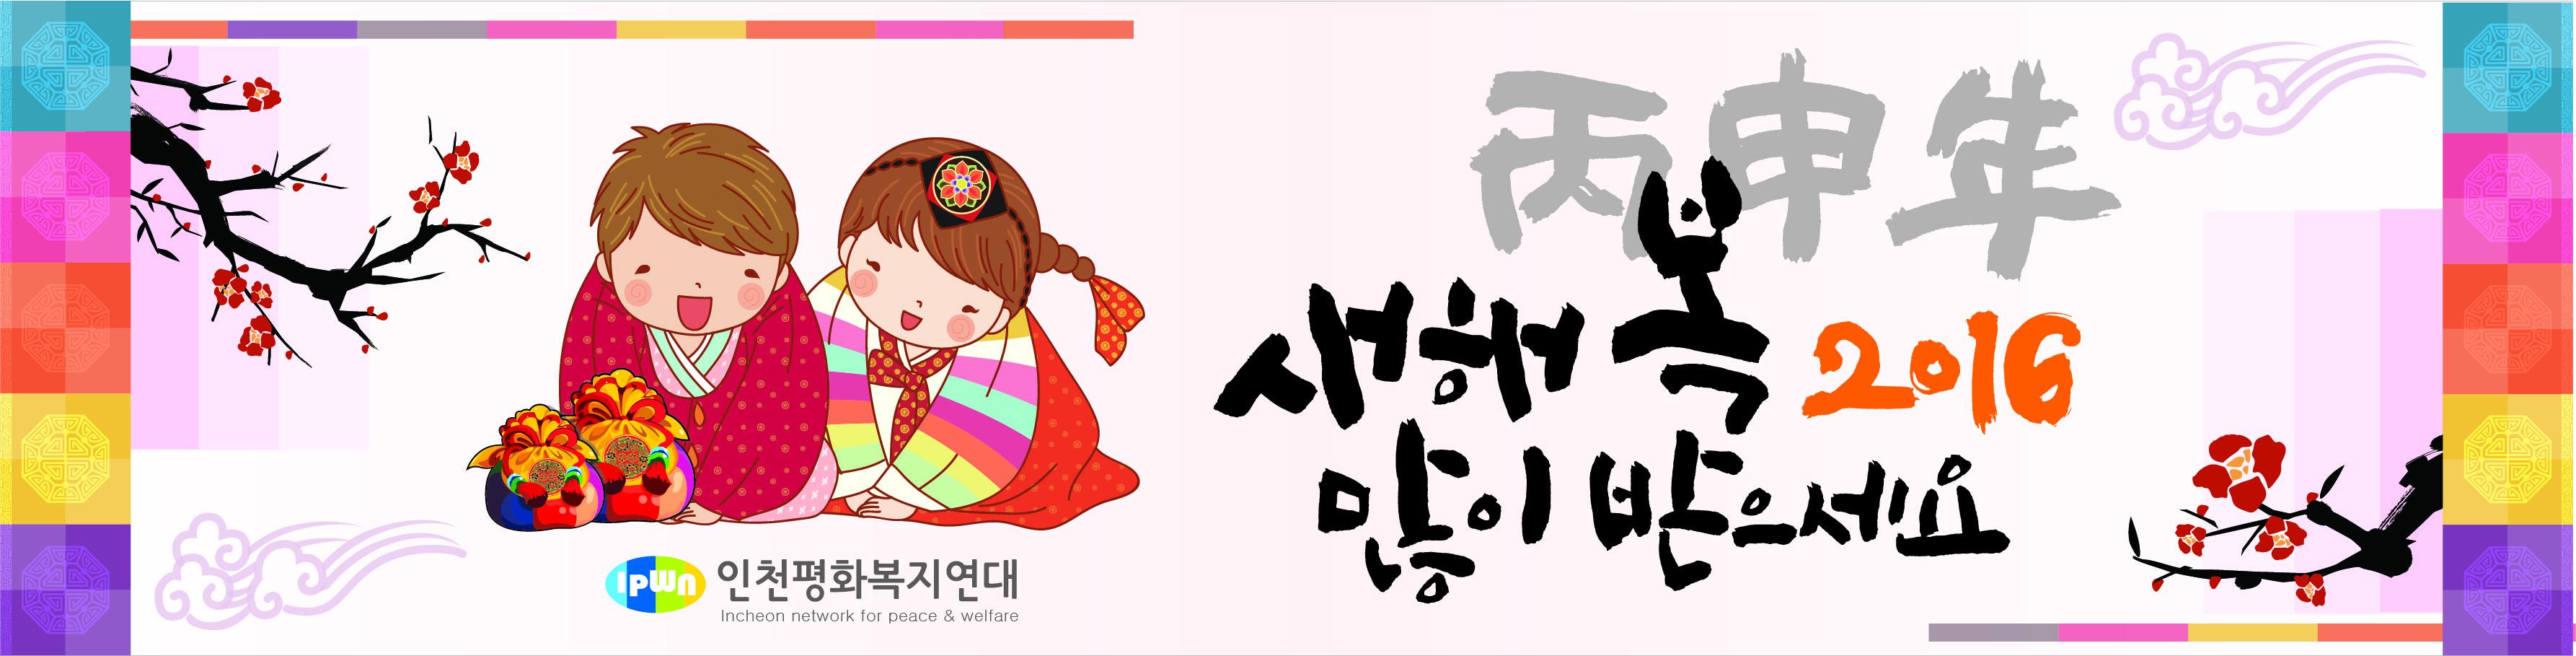 인천평화복지연대 홈피용 새해인사-저용량.jpg